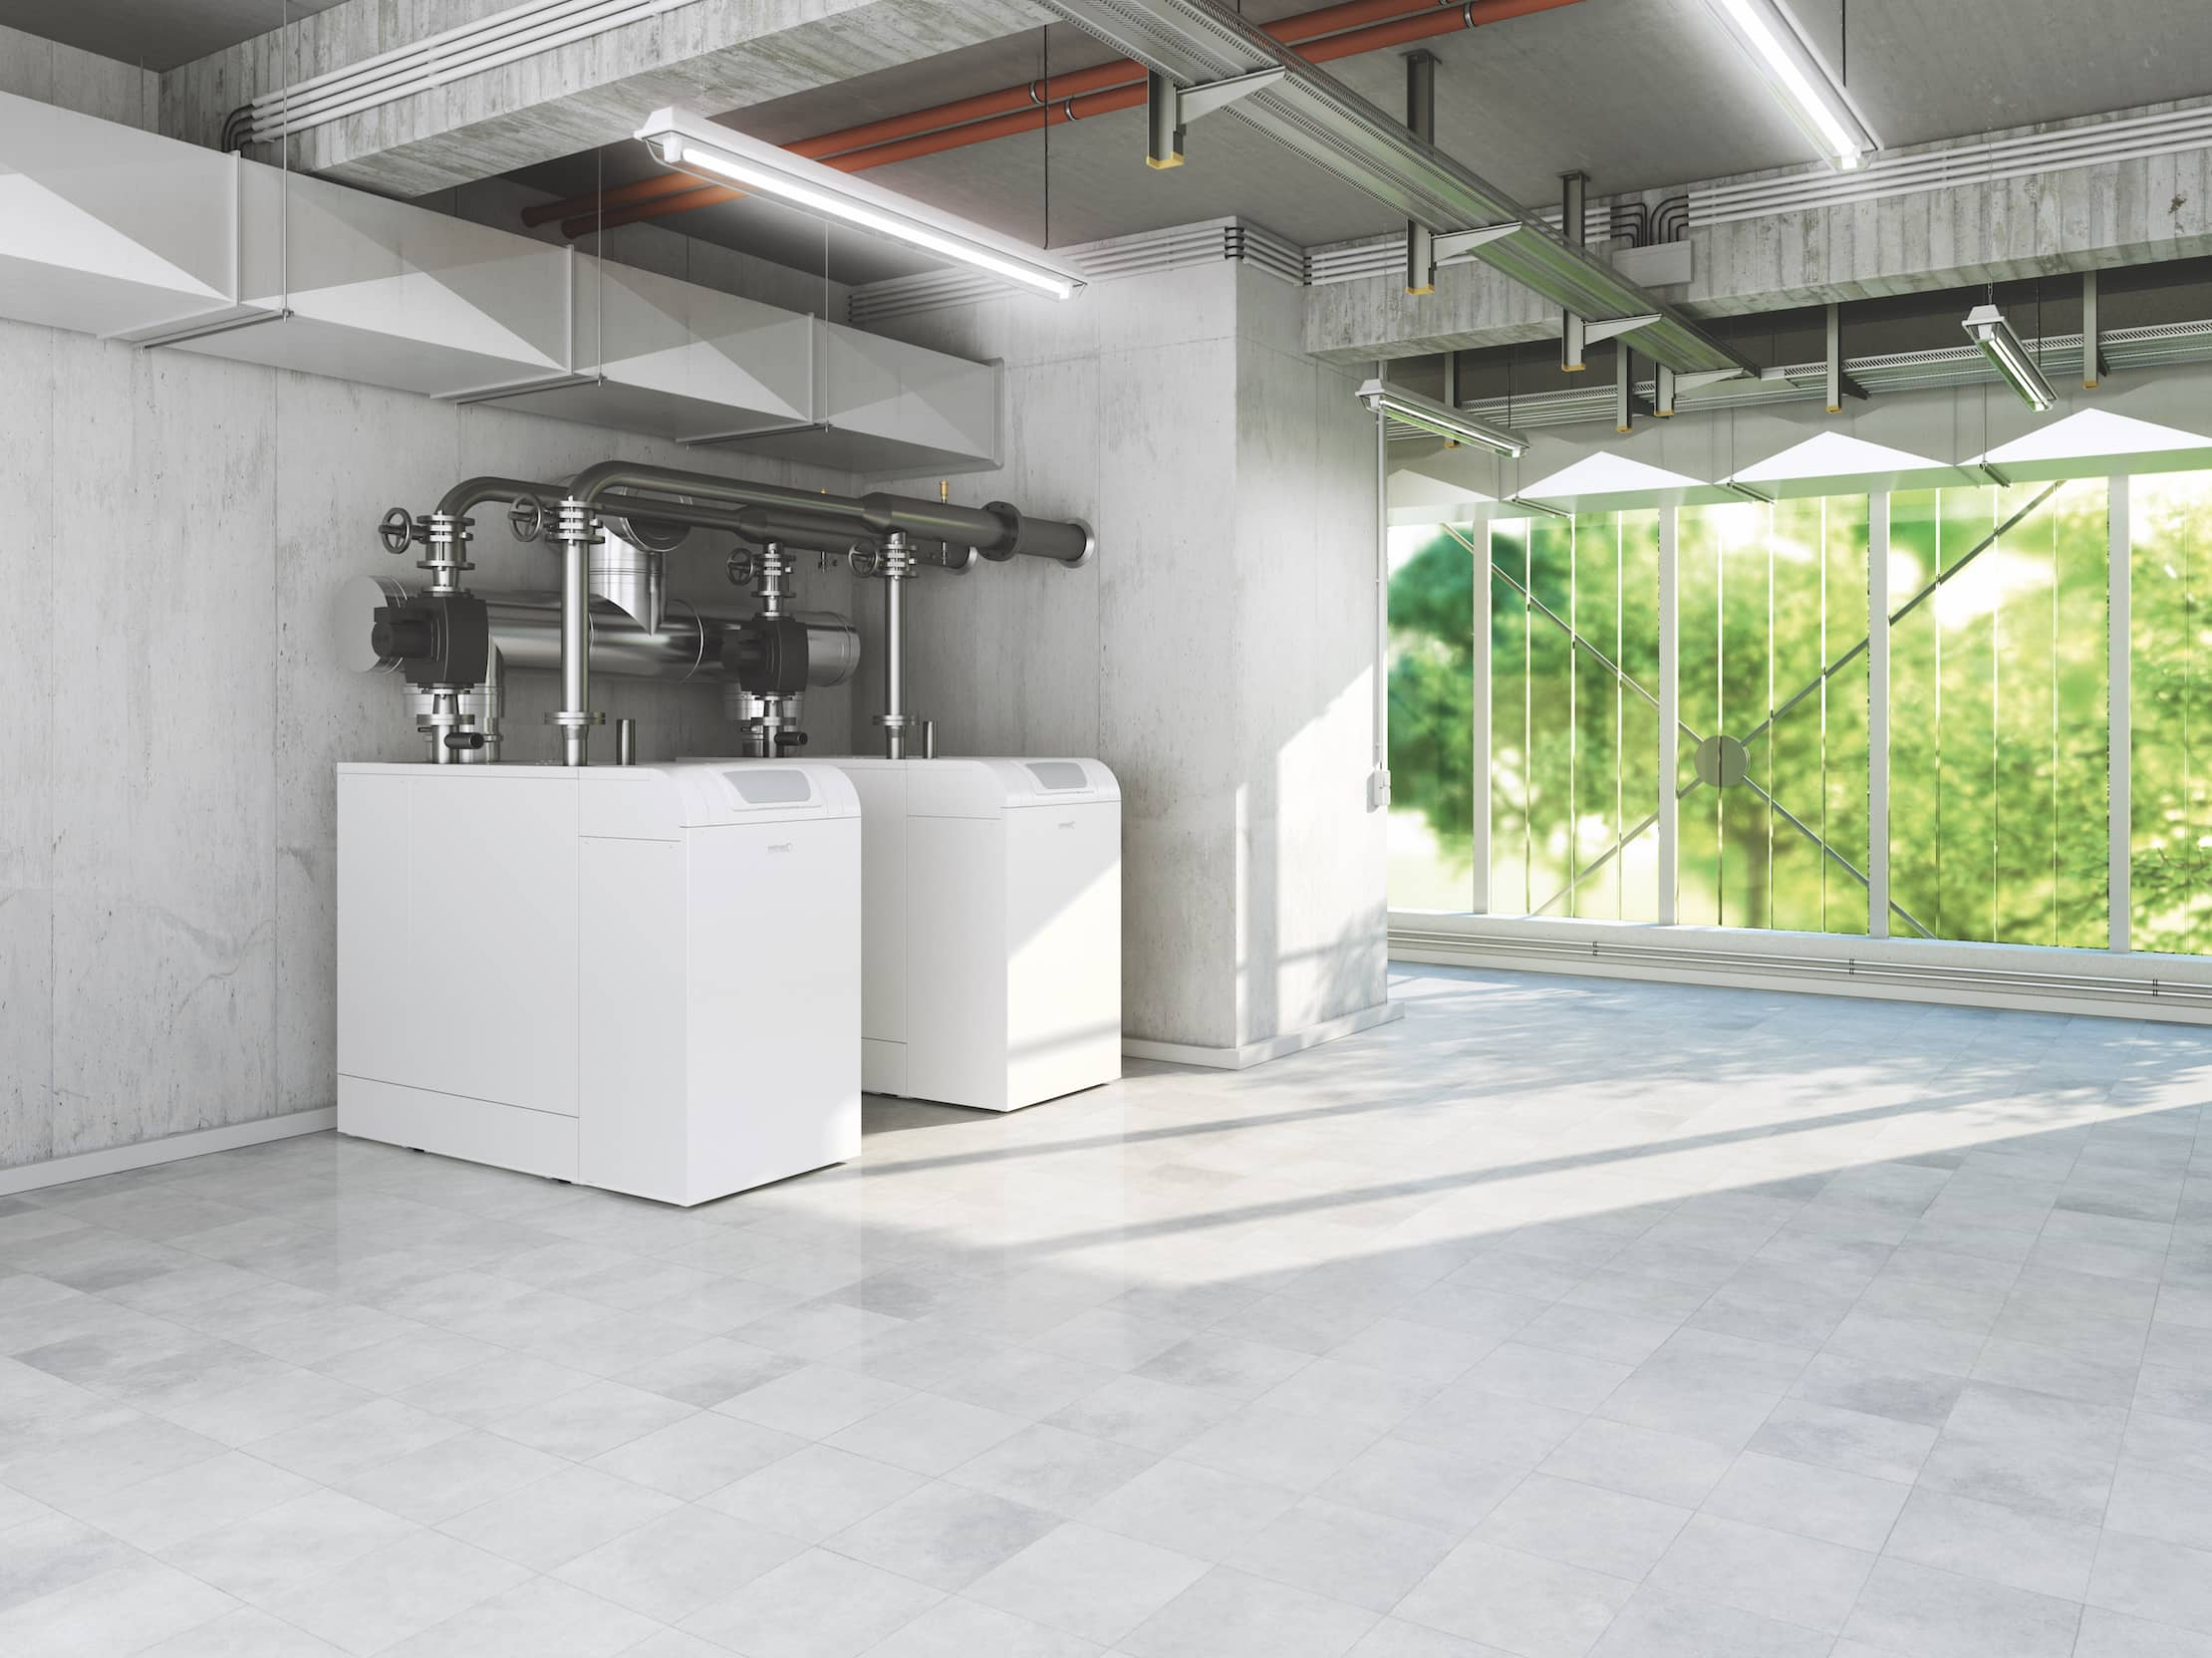 Der Gas-Brennwertkessel SGB von BRÖTJE steht in einem großzügigen, hellen Raum mit Fensterfront.